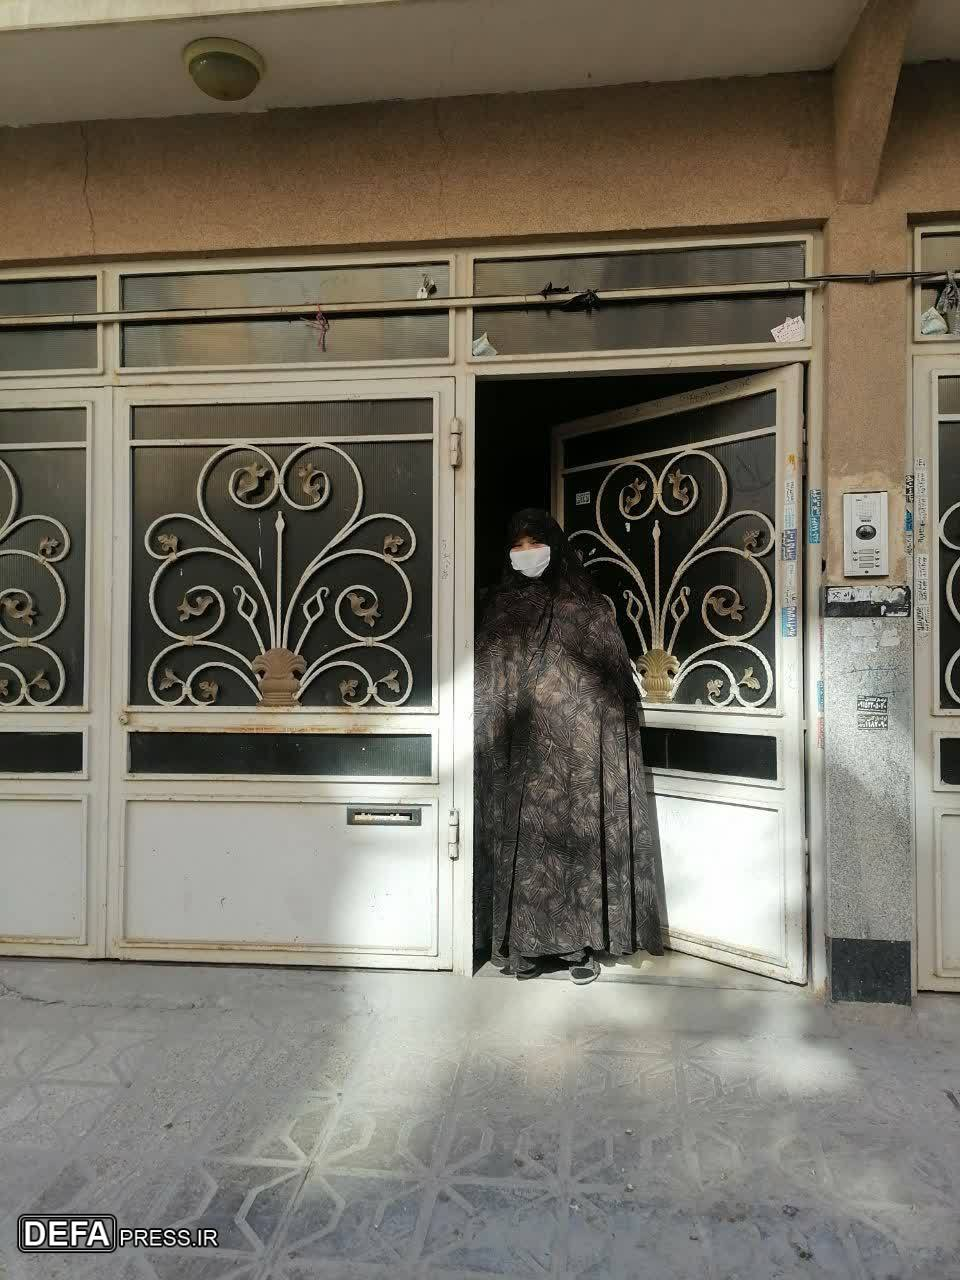 پیچیدن شمیم «بوی پیراهن یوسف» در خانه شهدای مدافع حرم + تصاویر